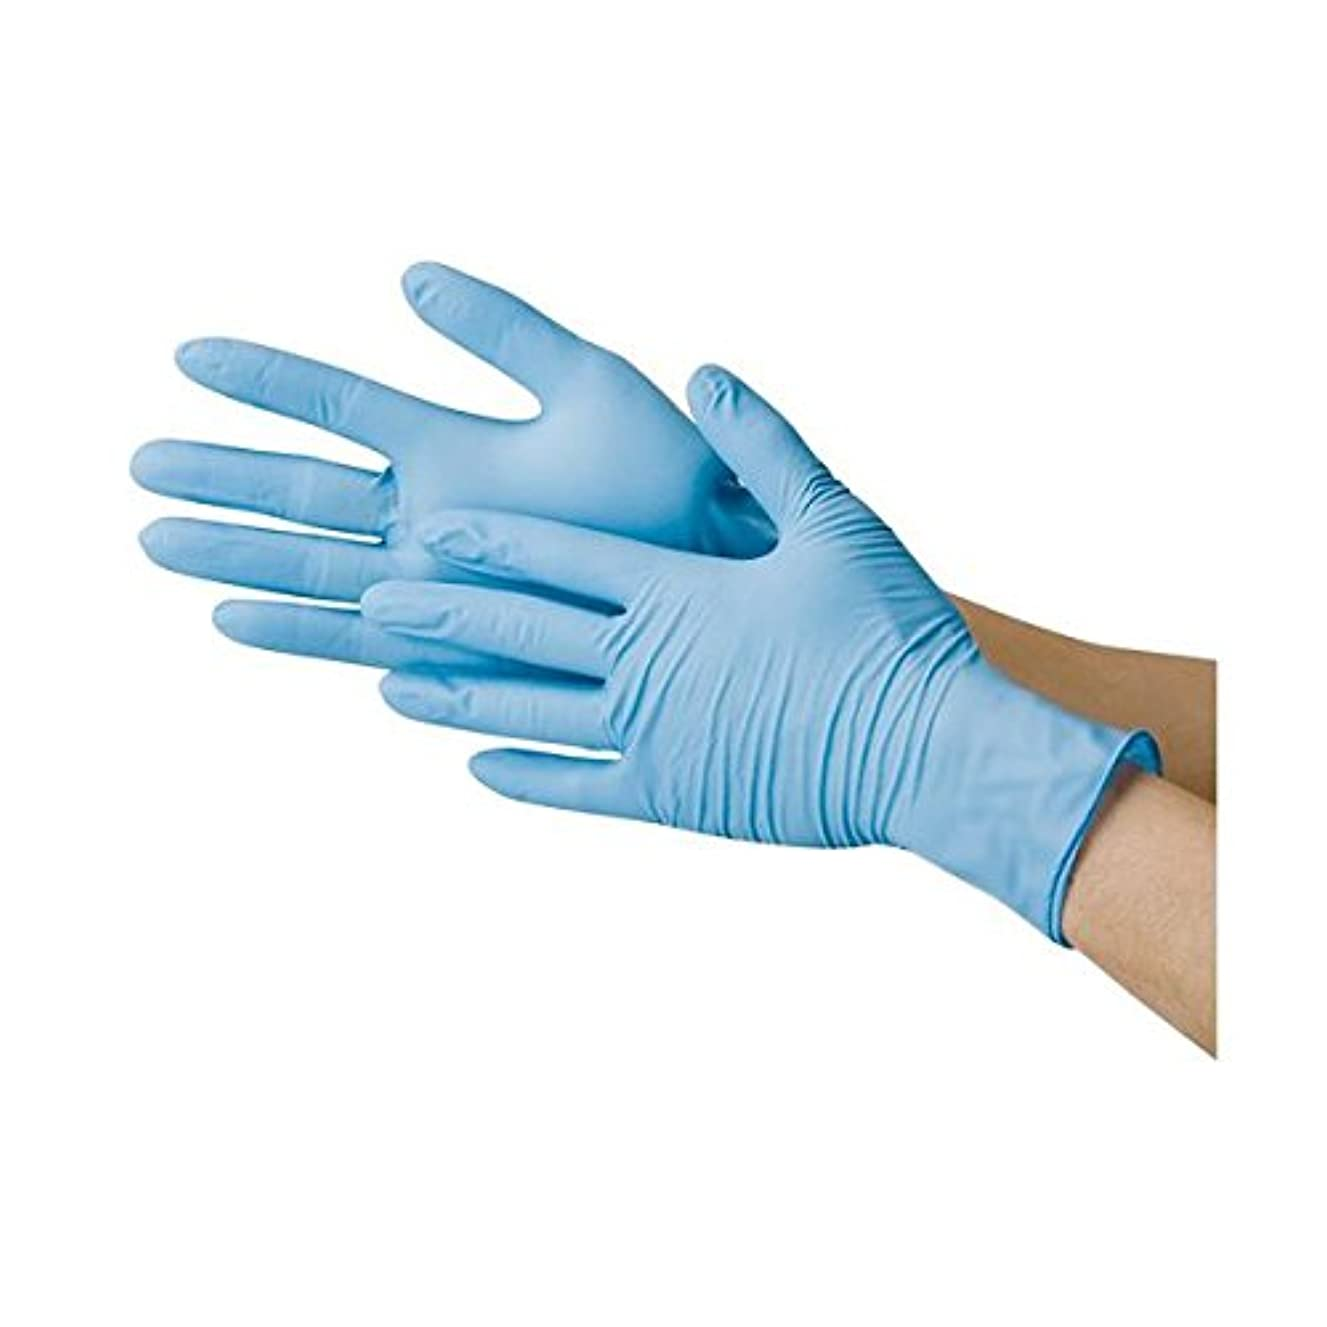 川西工業 ニトリル極薄手袋 粉なし ブルーM ダイエット 健康 衛生用品 その他の衛生用品 14067381 [並行輸入品]